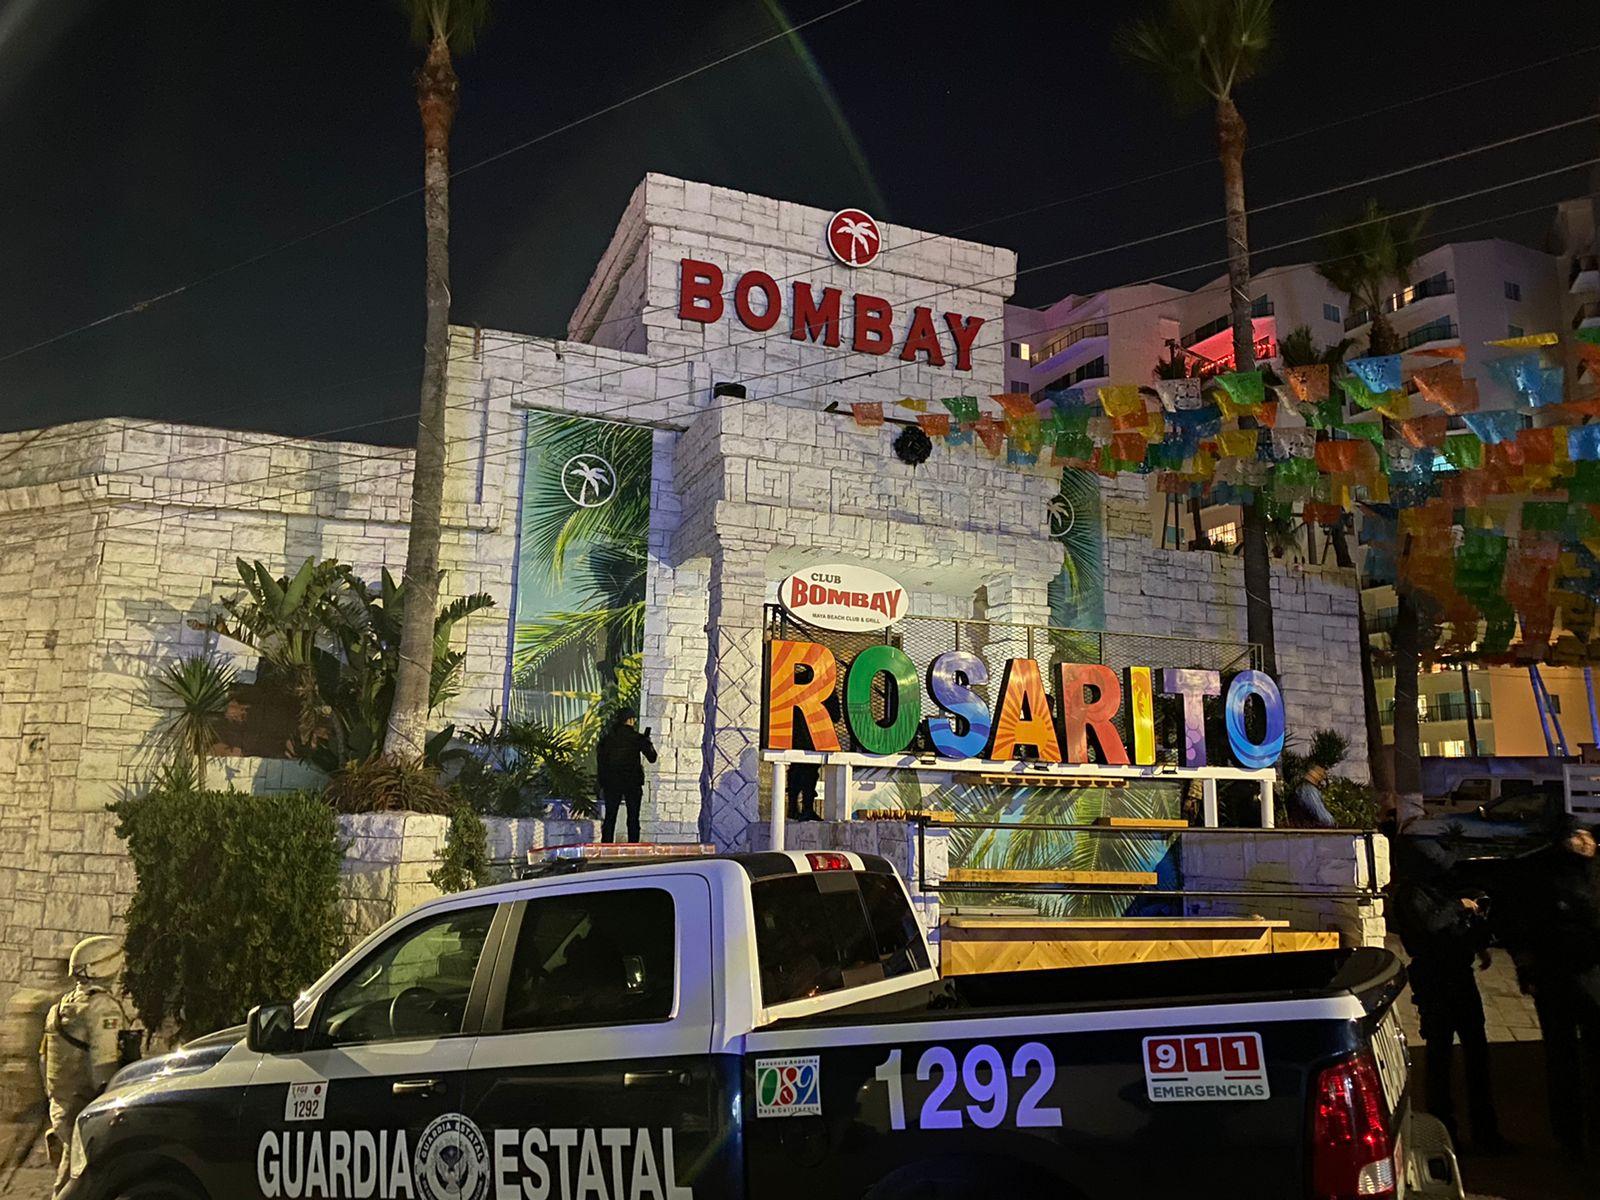 Operativo en bares de Rosarito fue por denuncias de extorsión y violencia